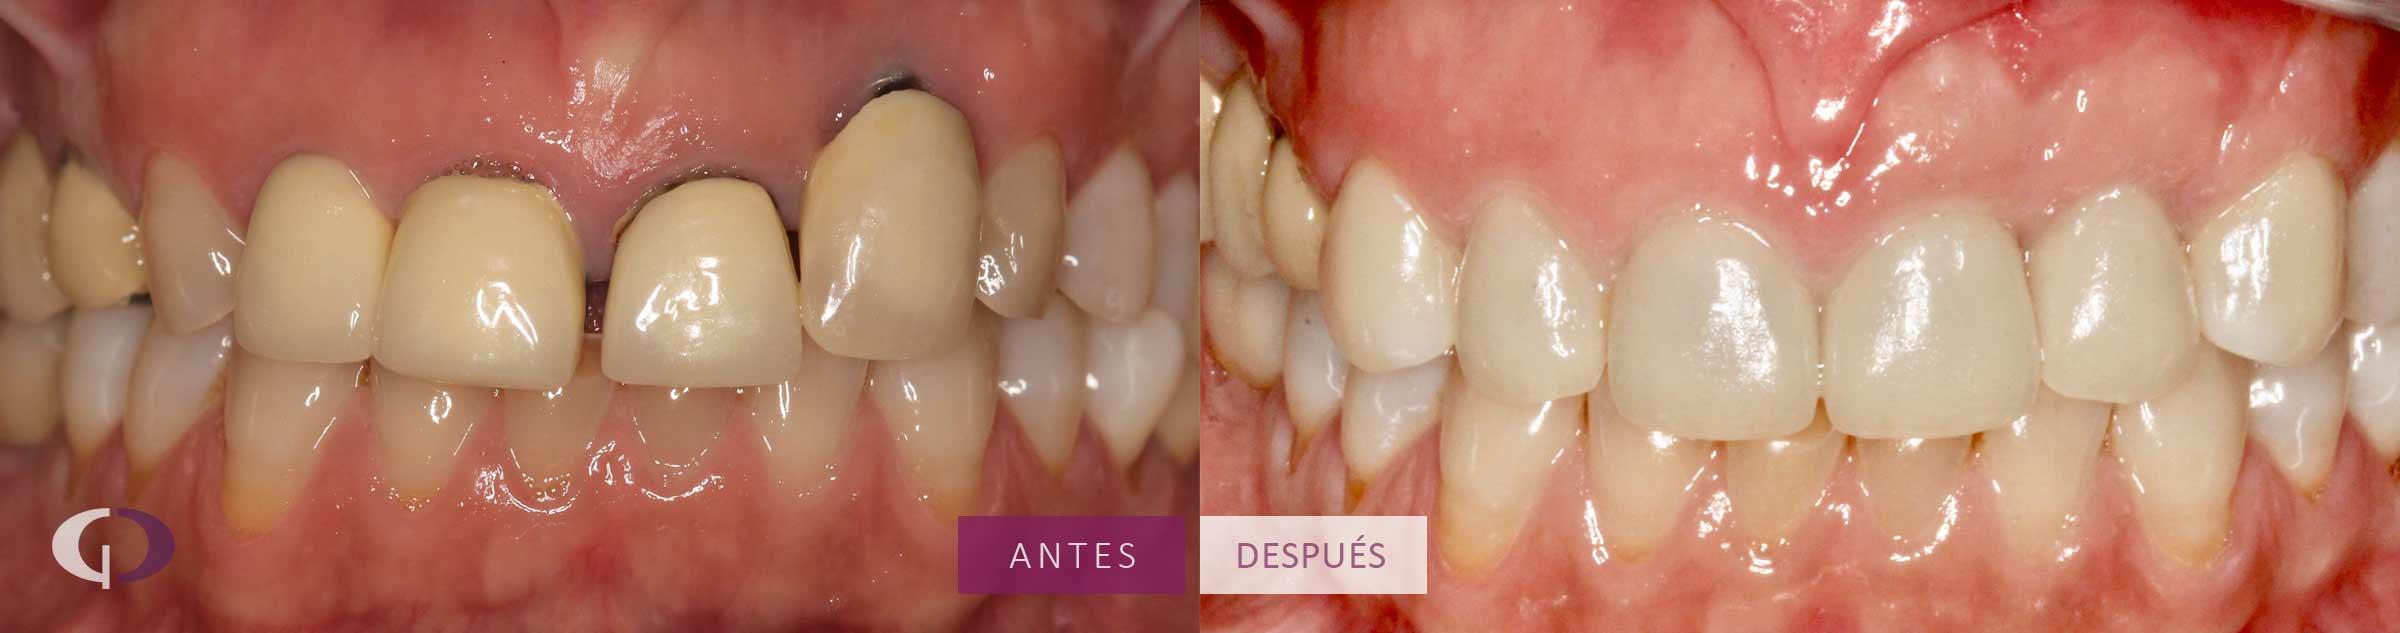 Caso Clínico Implantes y coronas dentales